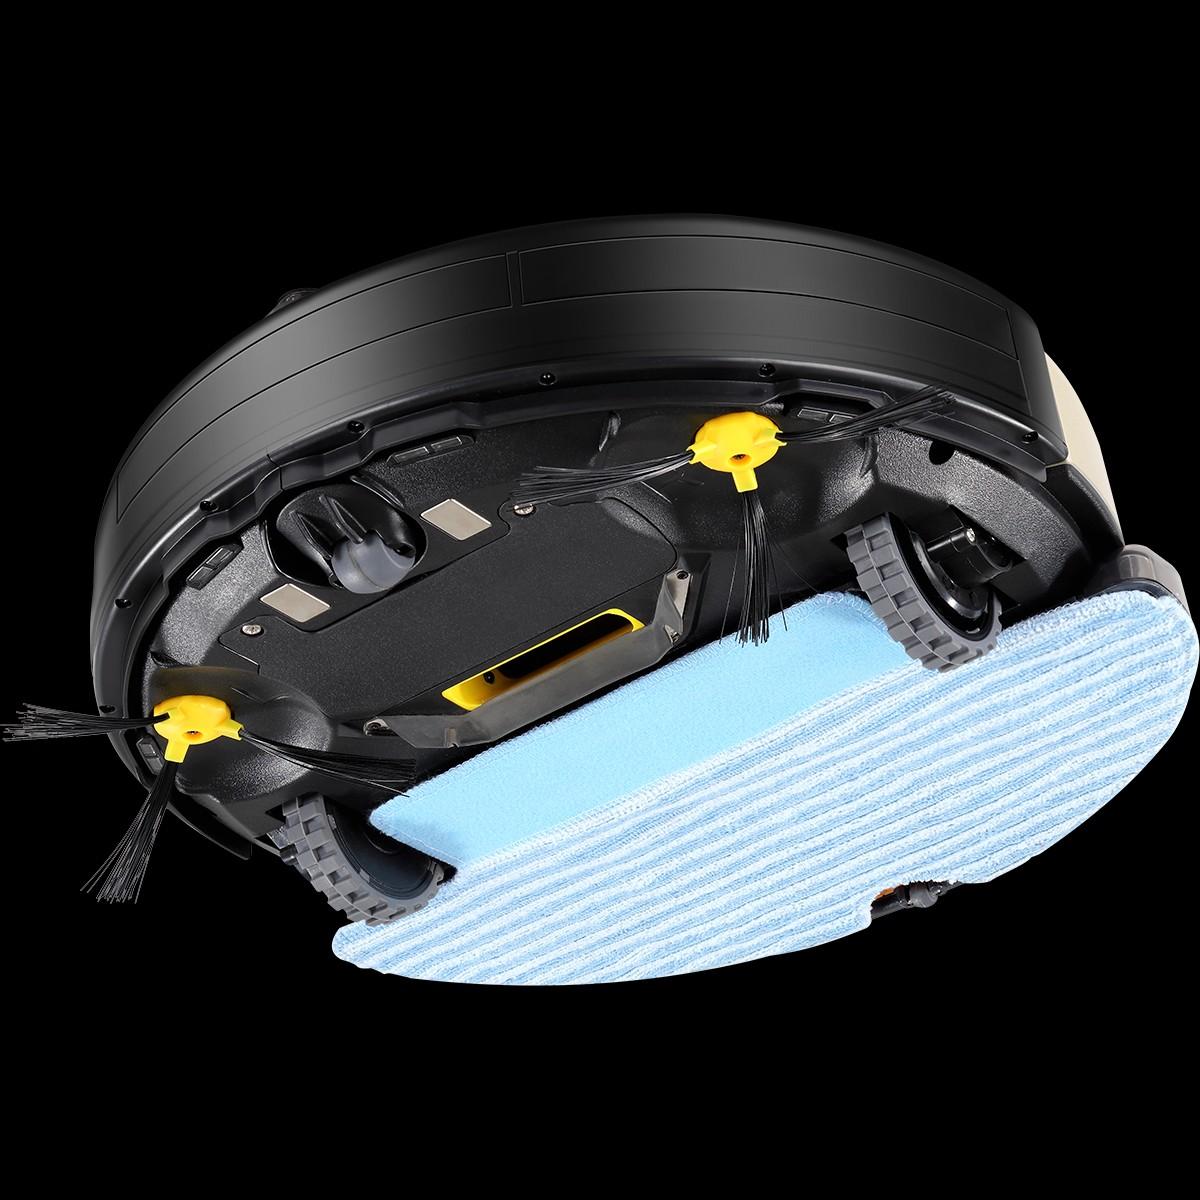 海尔智能扫地机 SWR-探路者320金色 白色图片三